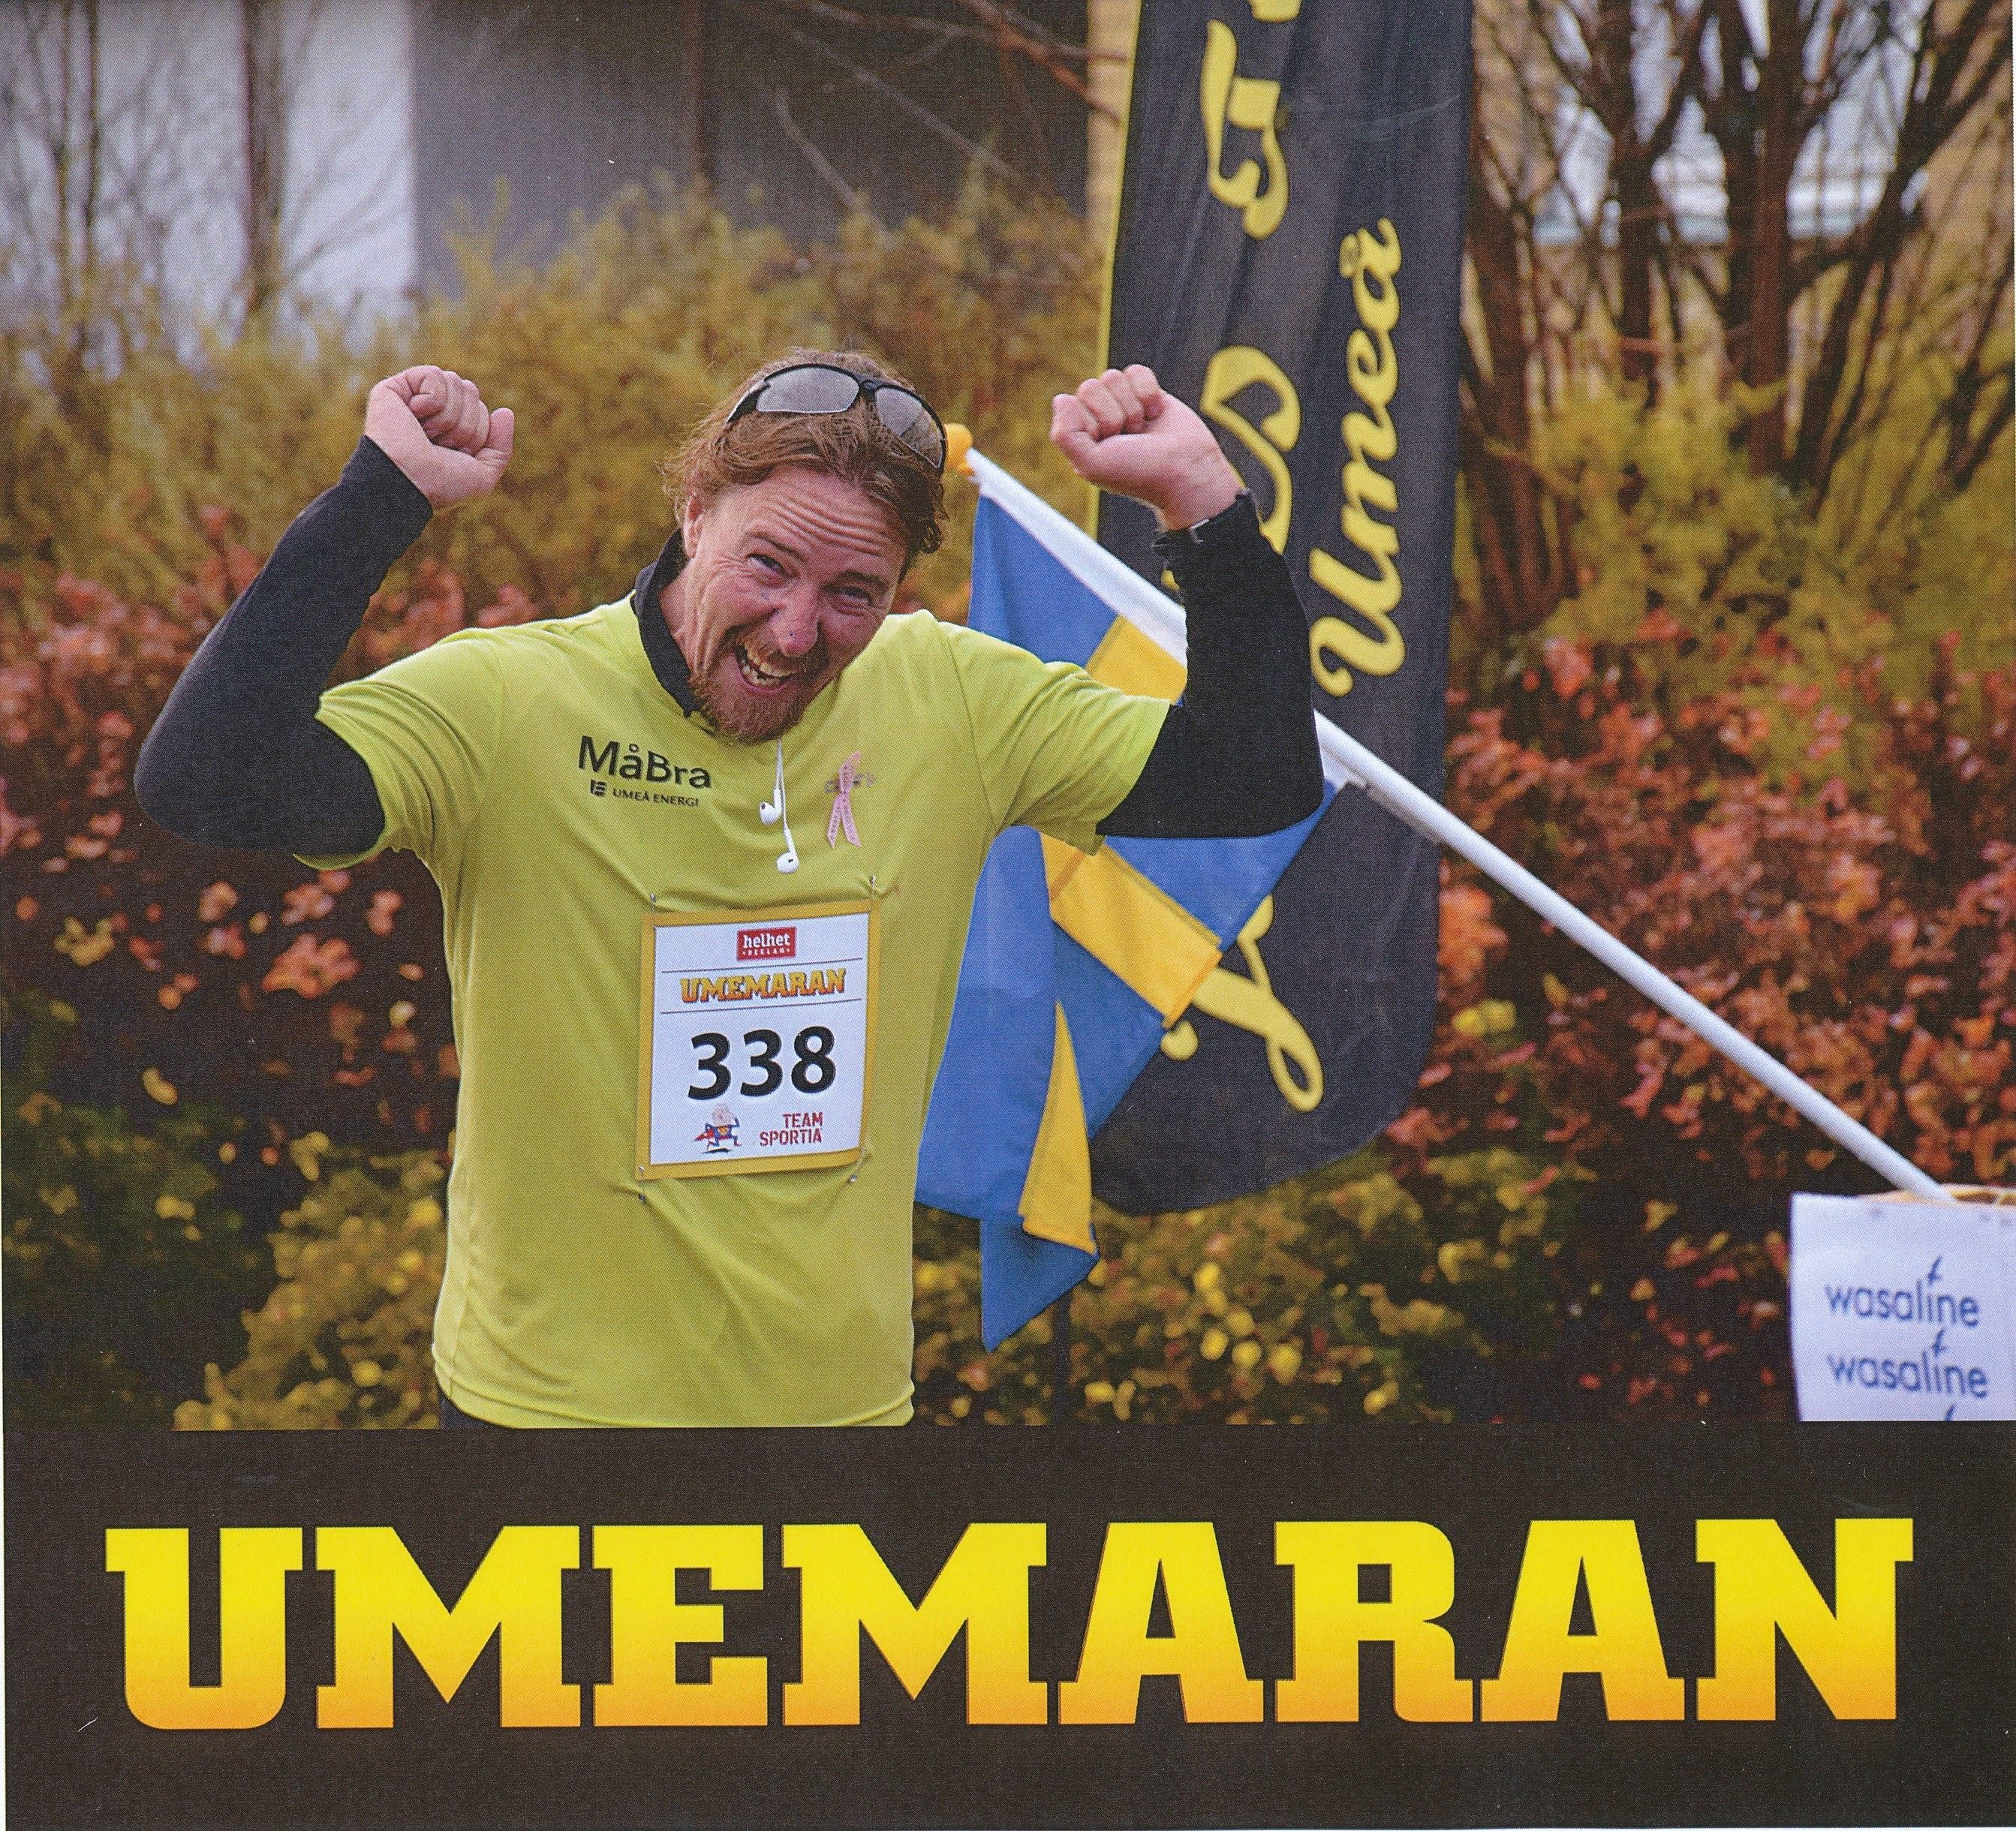 Umeå marathon